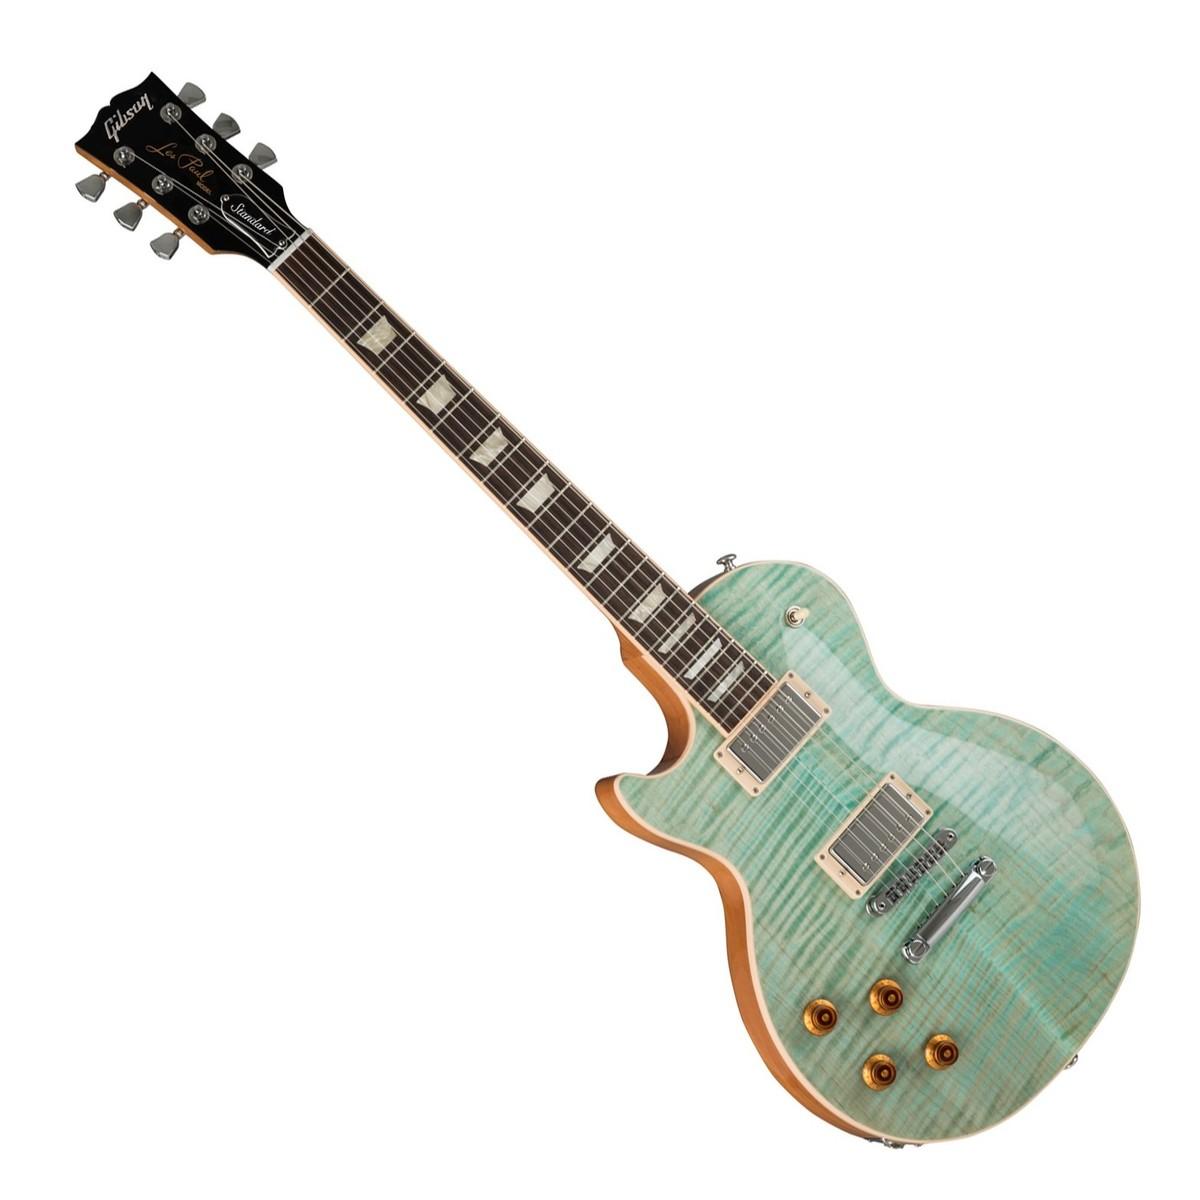 Gibson Les Paul Seafoam Green : disc gibson les paul standard 2019 left handed seafoam green at gear4music ~ Hamham.info Haus und Dekorationen